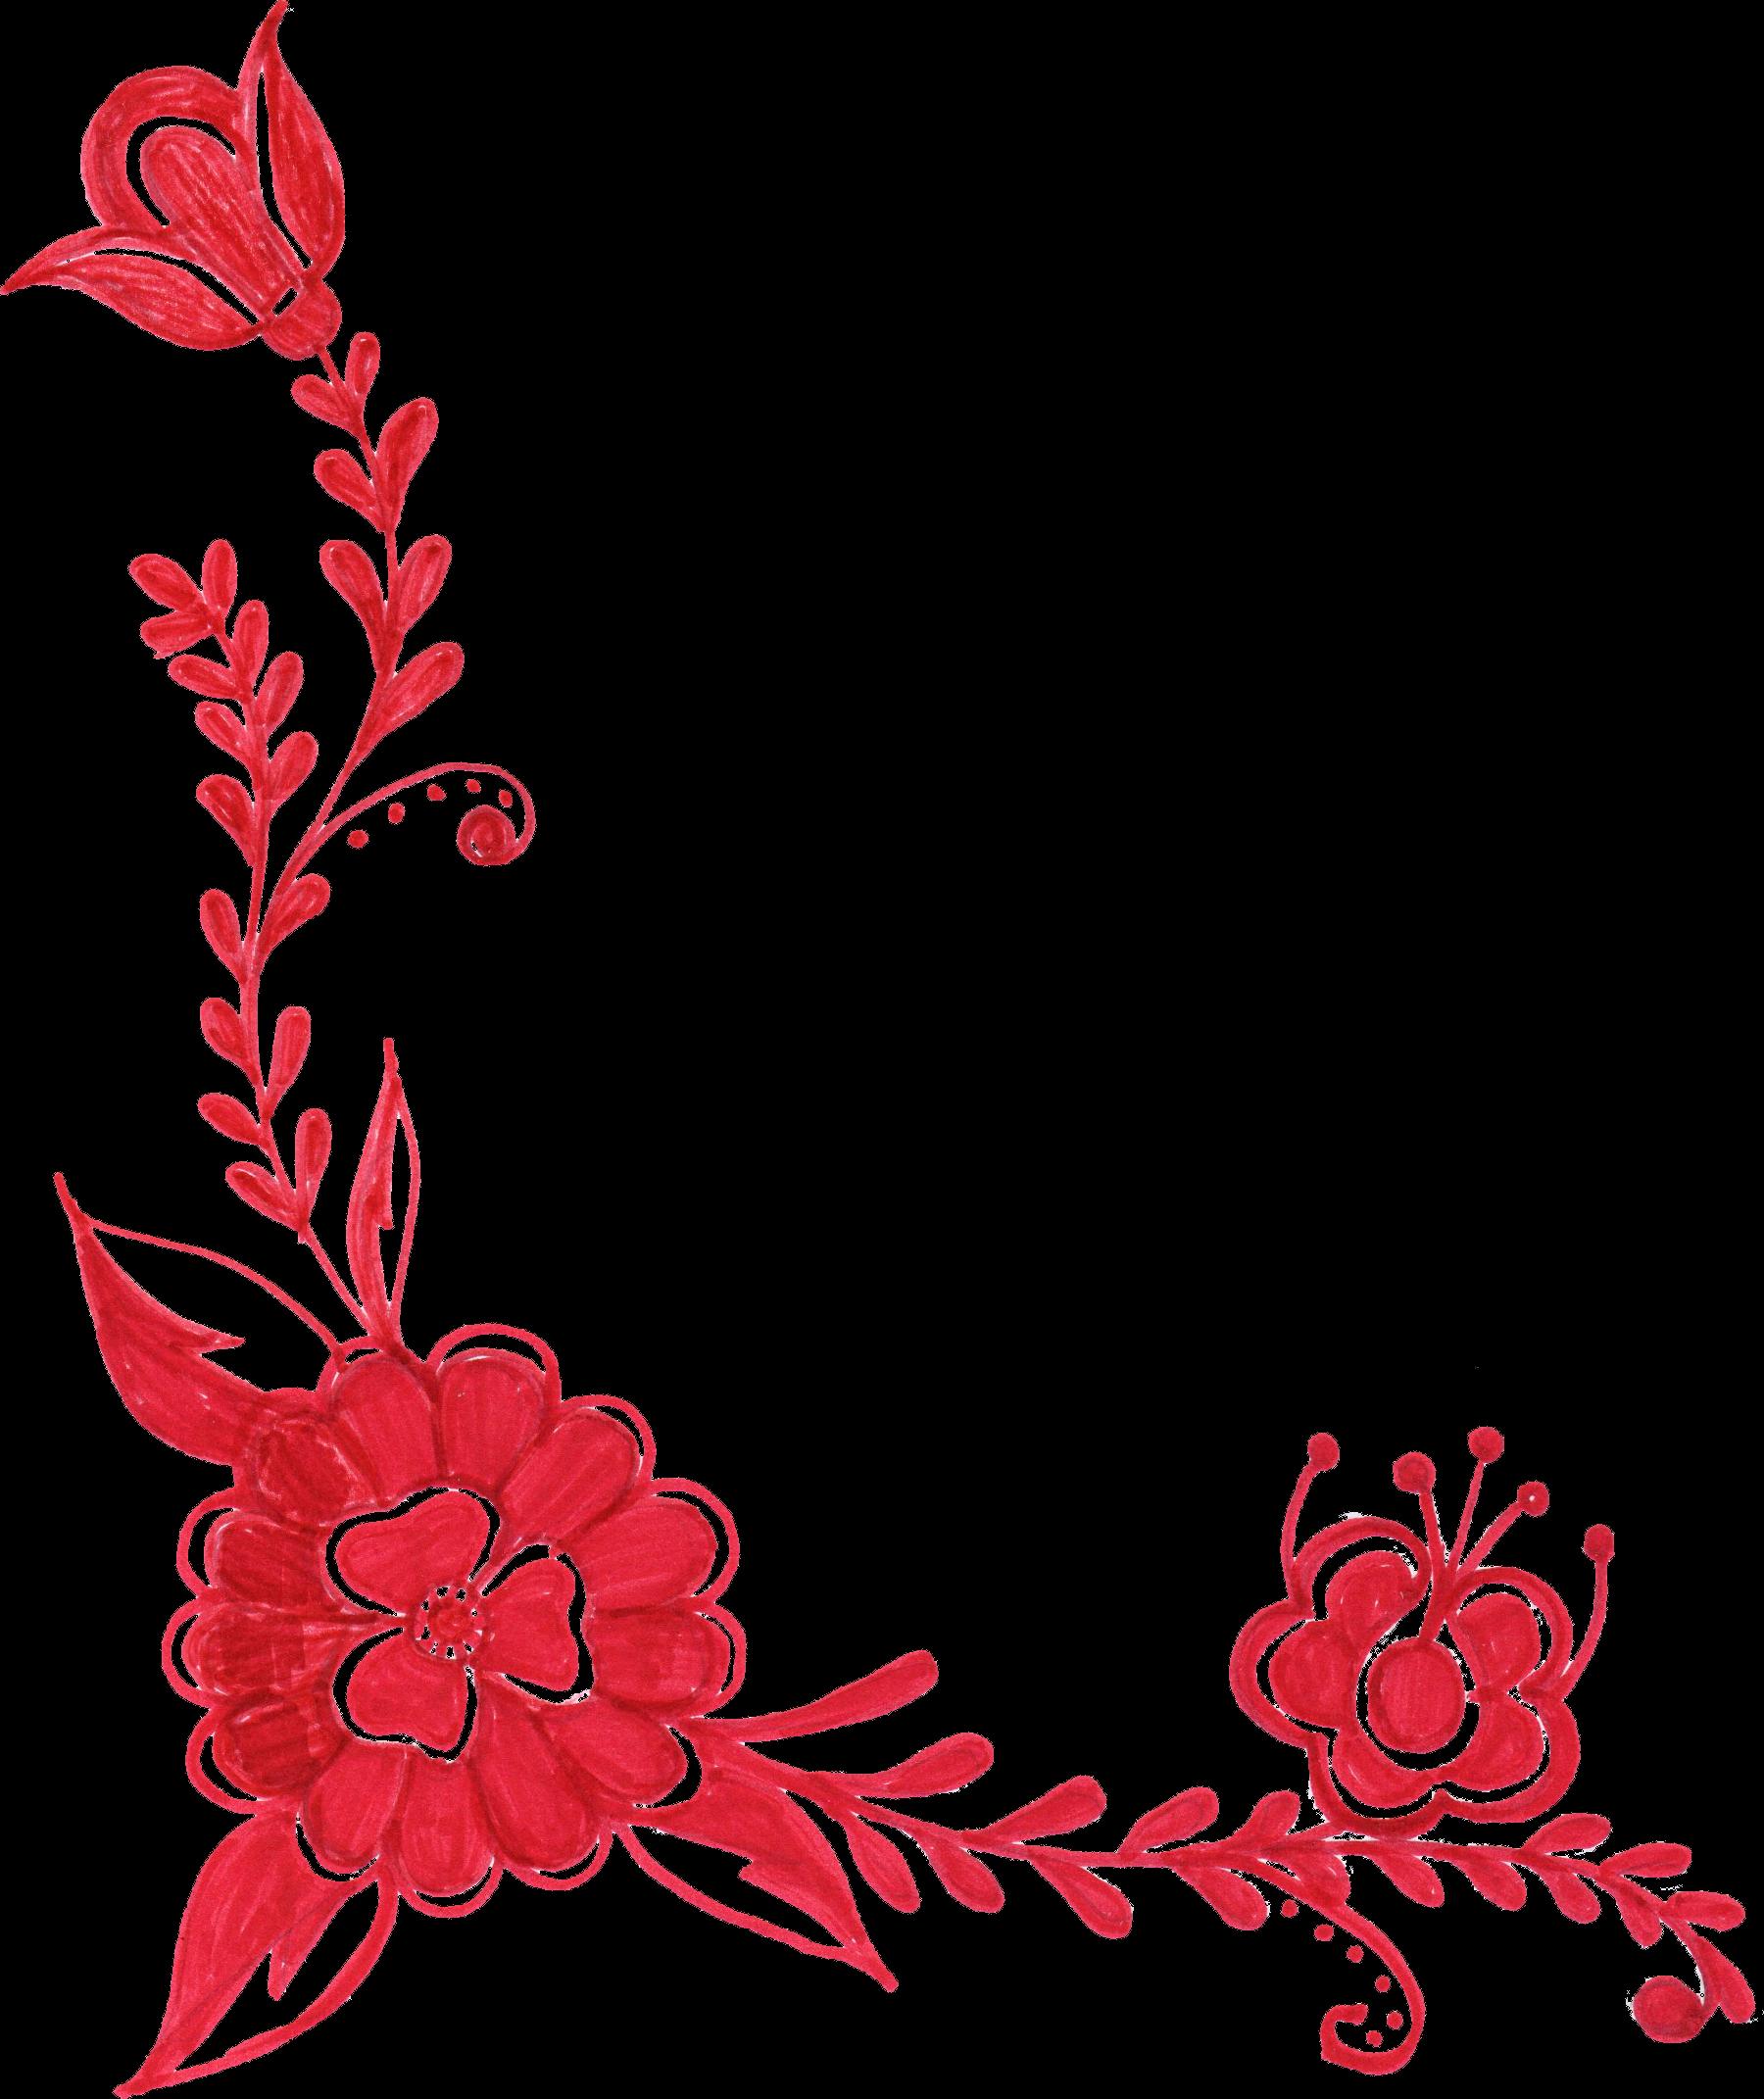 Red flower png.  corner ornament transparent